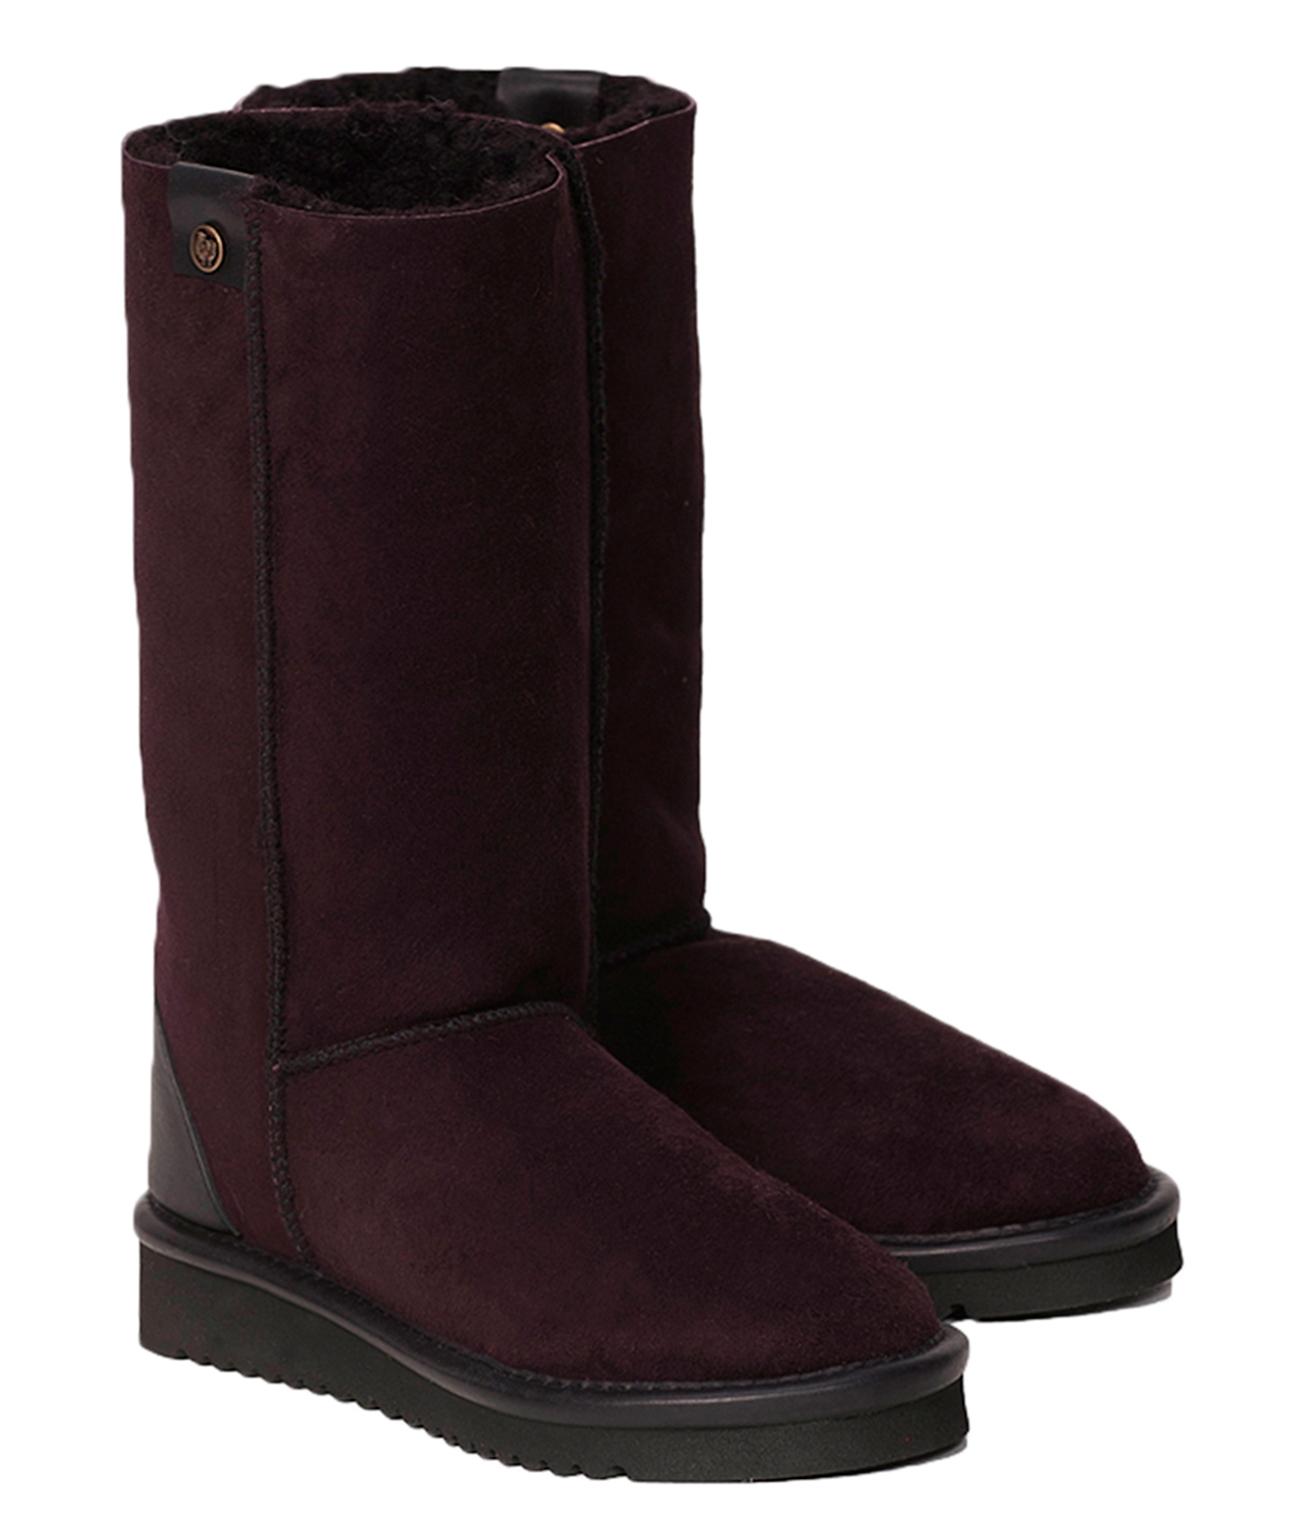 Original Celt Boots - Calf